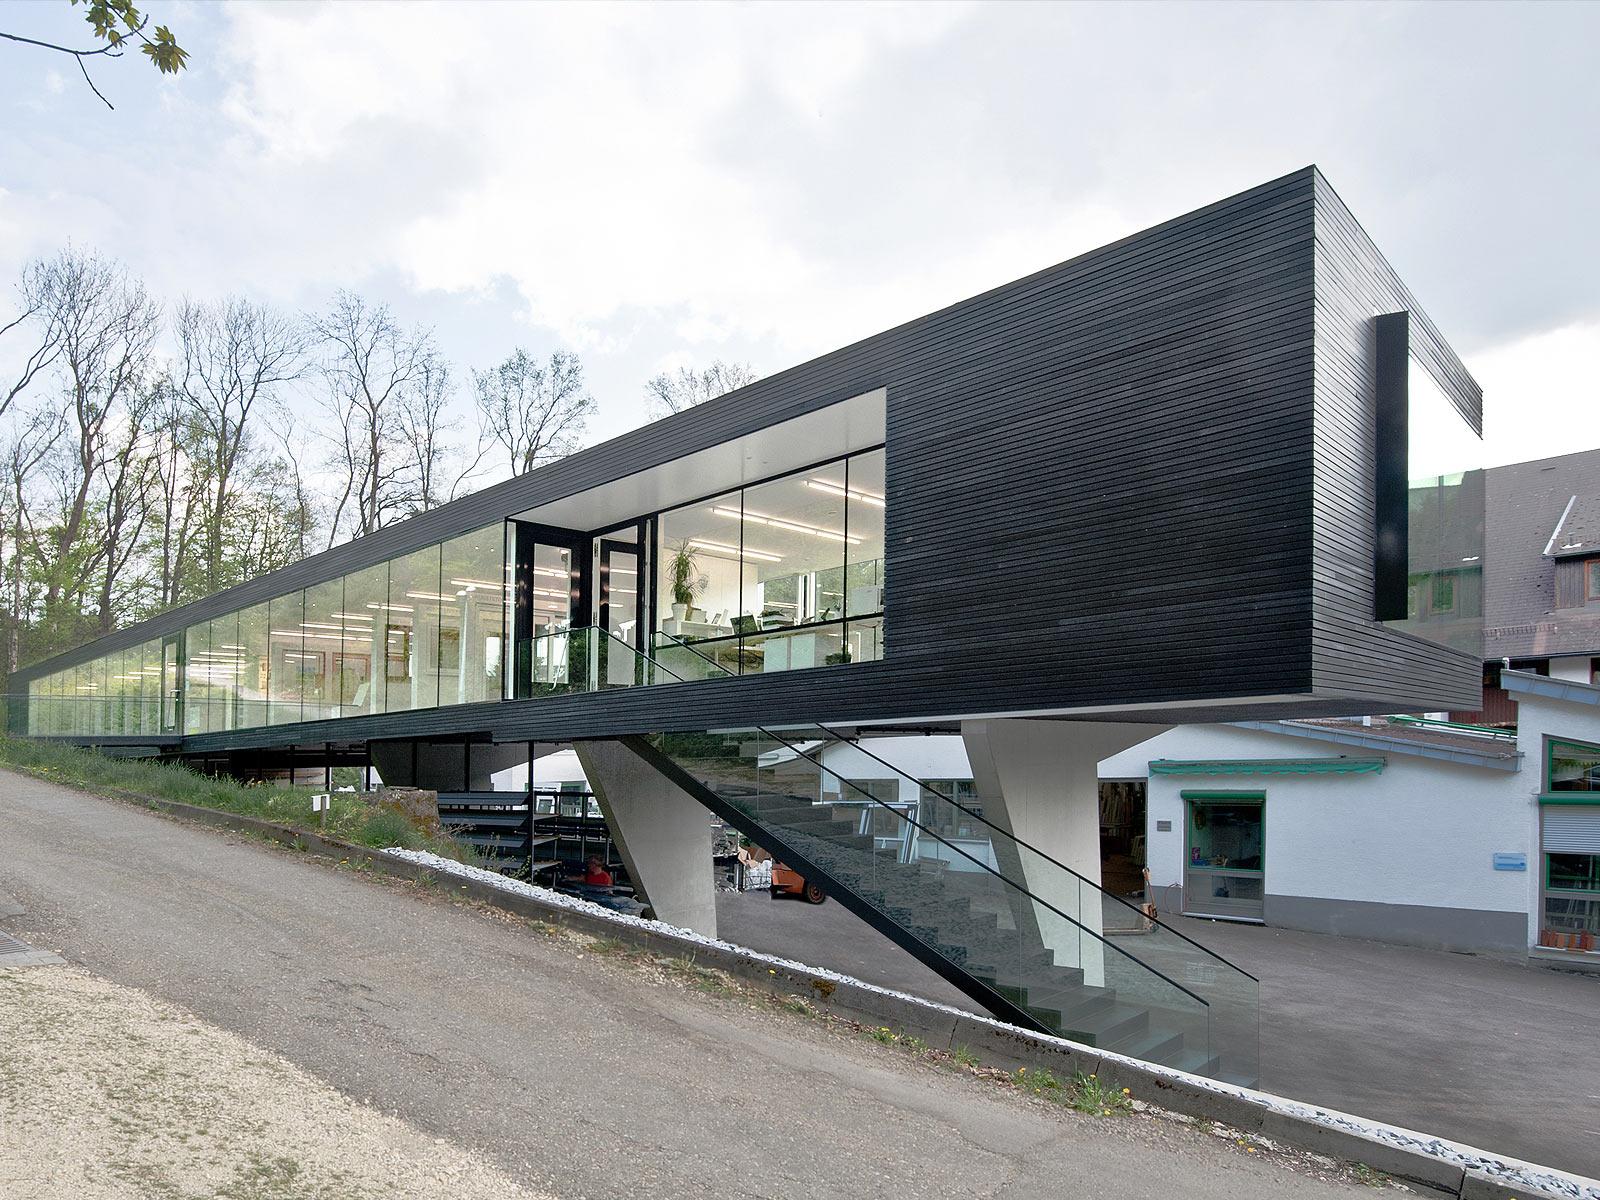 best architects architektur award wps architekten wps architekten showroom fensterbau. Black Bedroom Furniture Sets. Home Design Ideas